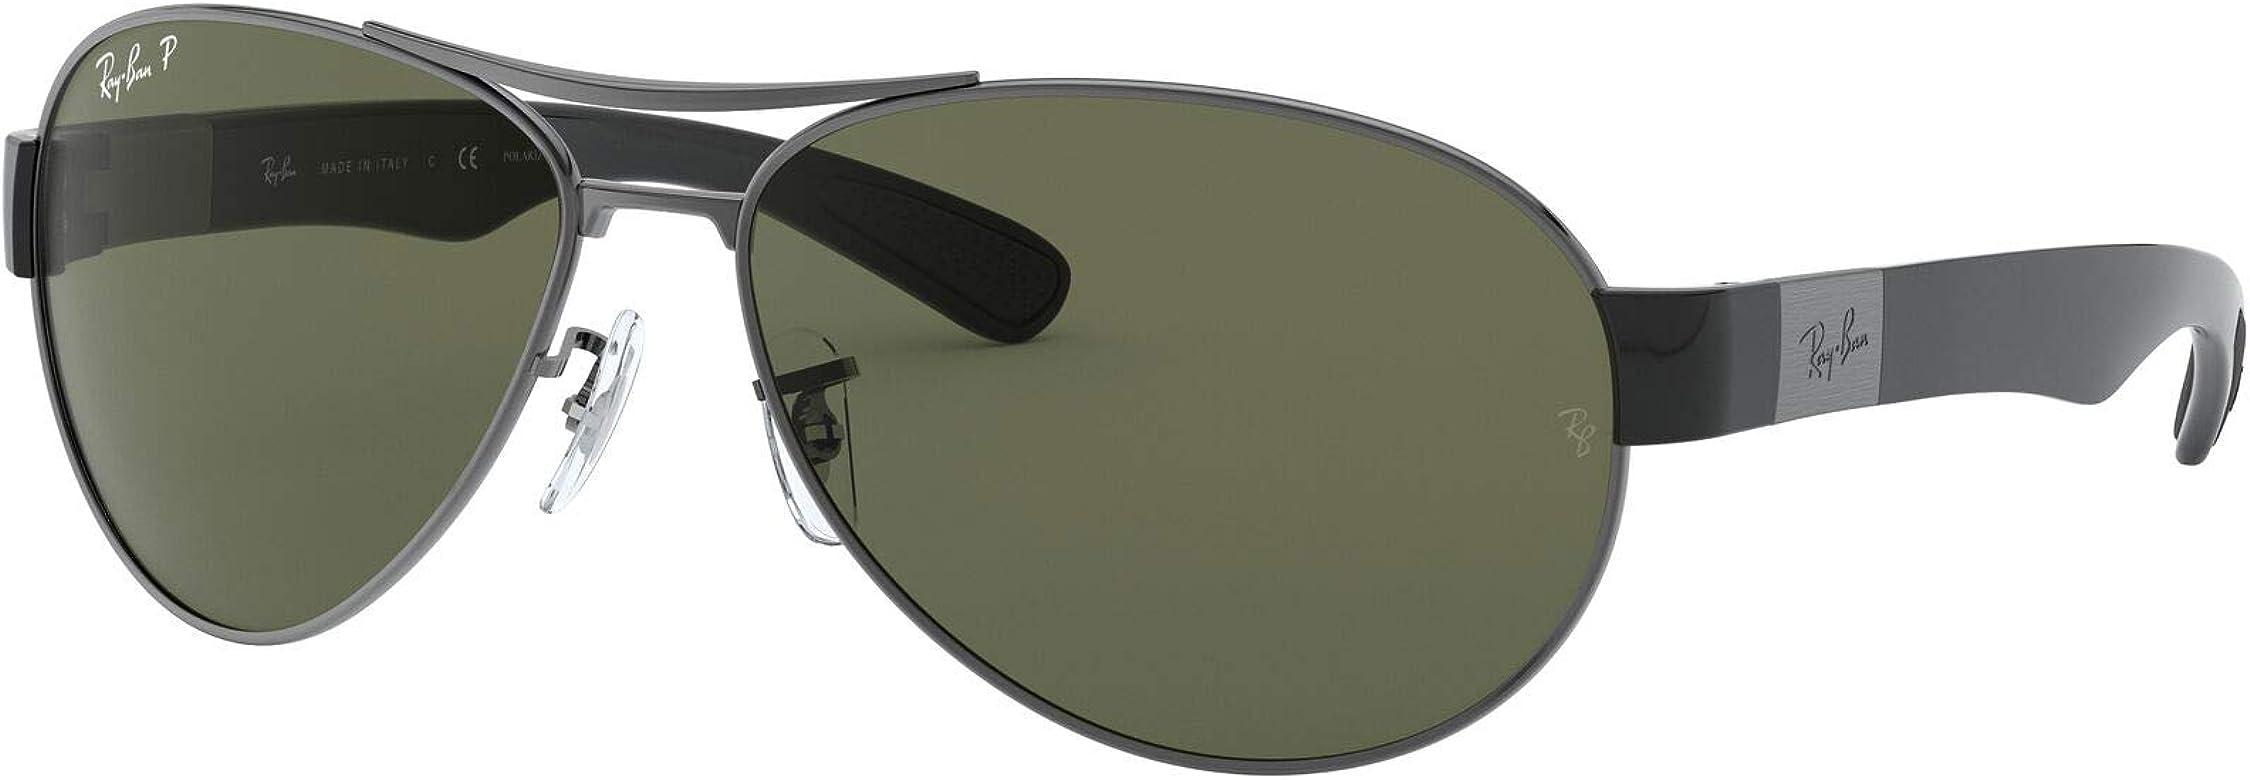 Ray-Ban 0RB3509 Gafas de sol, Gunmetal, 63 para Hombre: Amazon.es ...